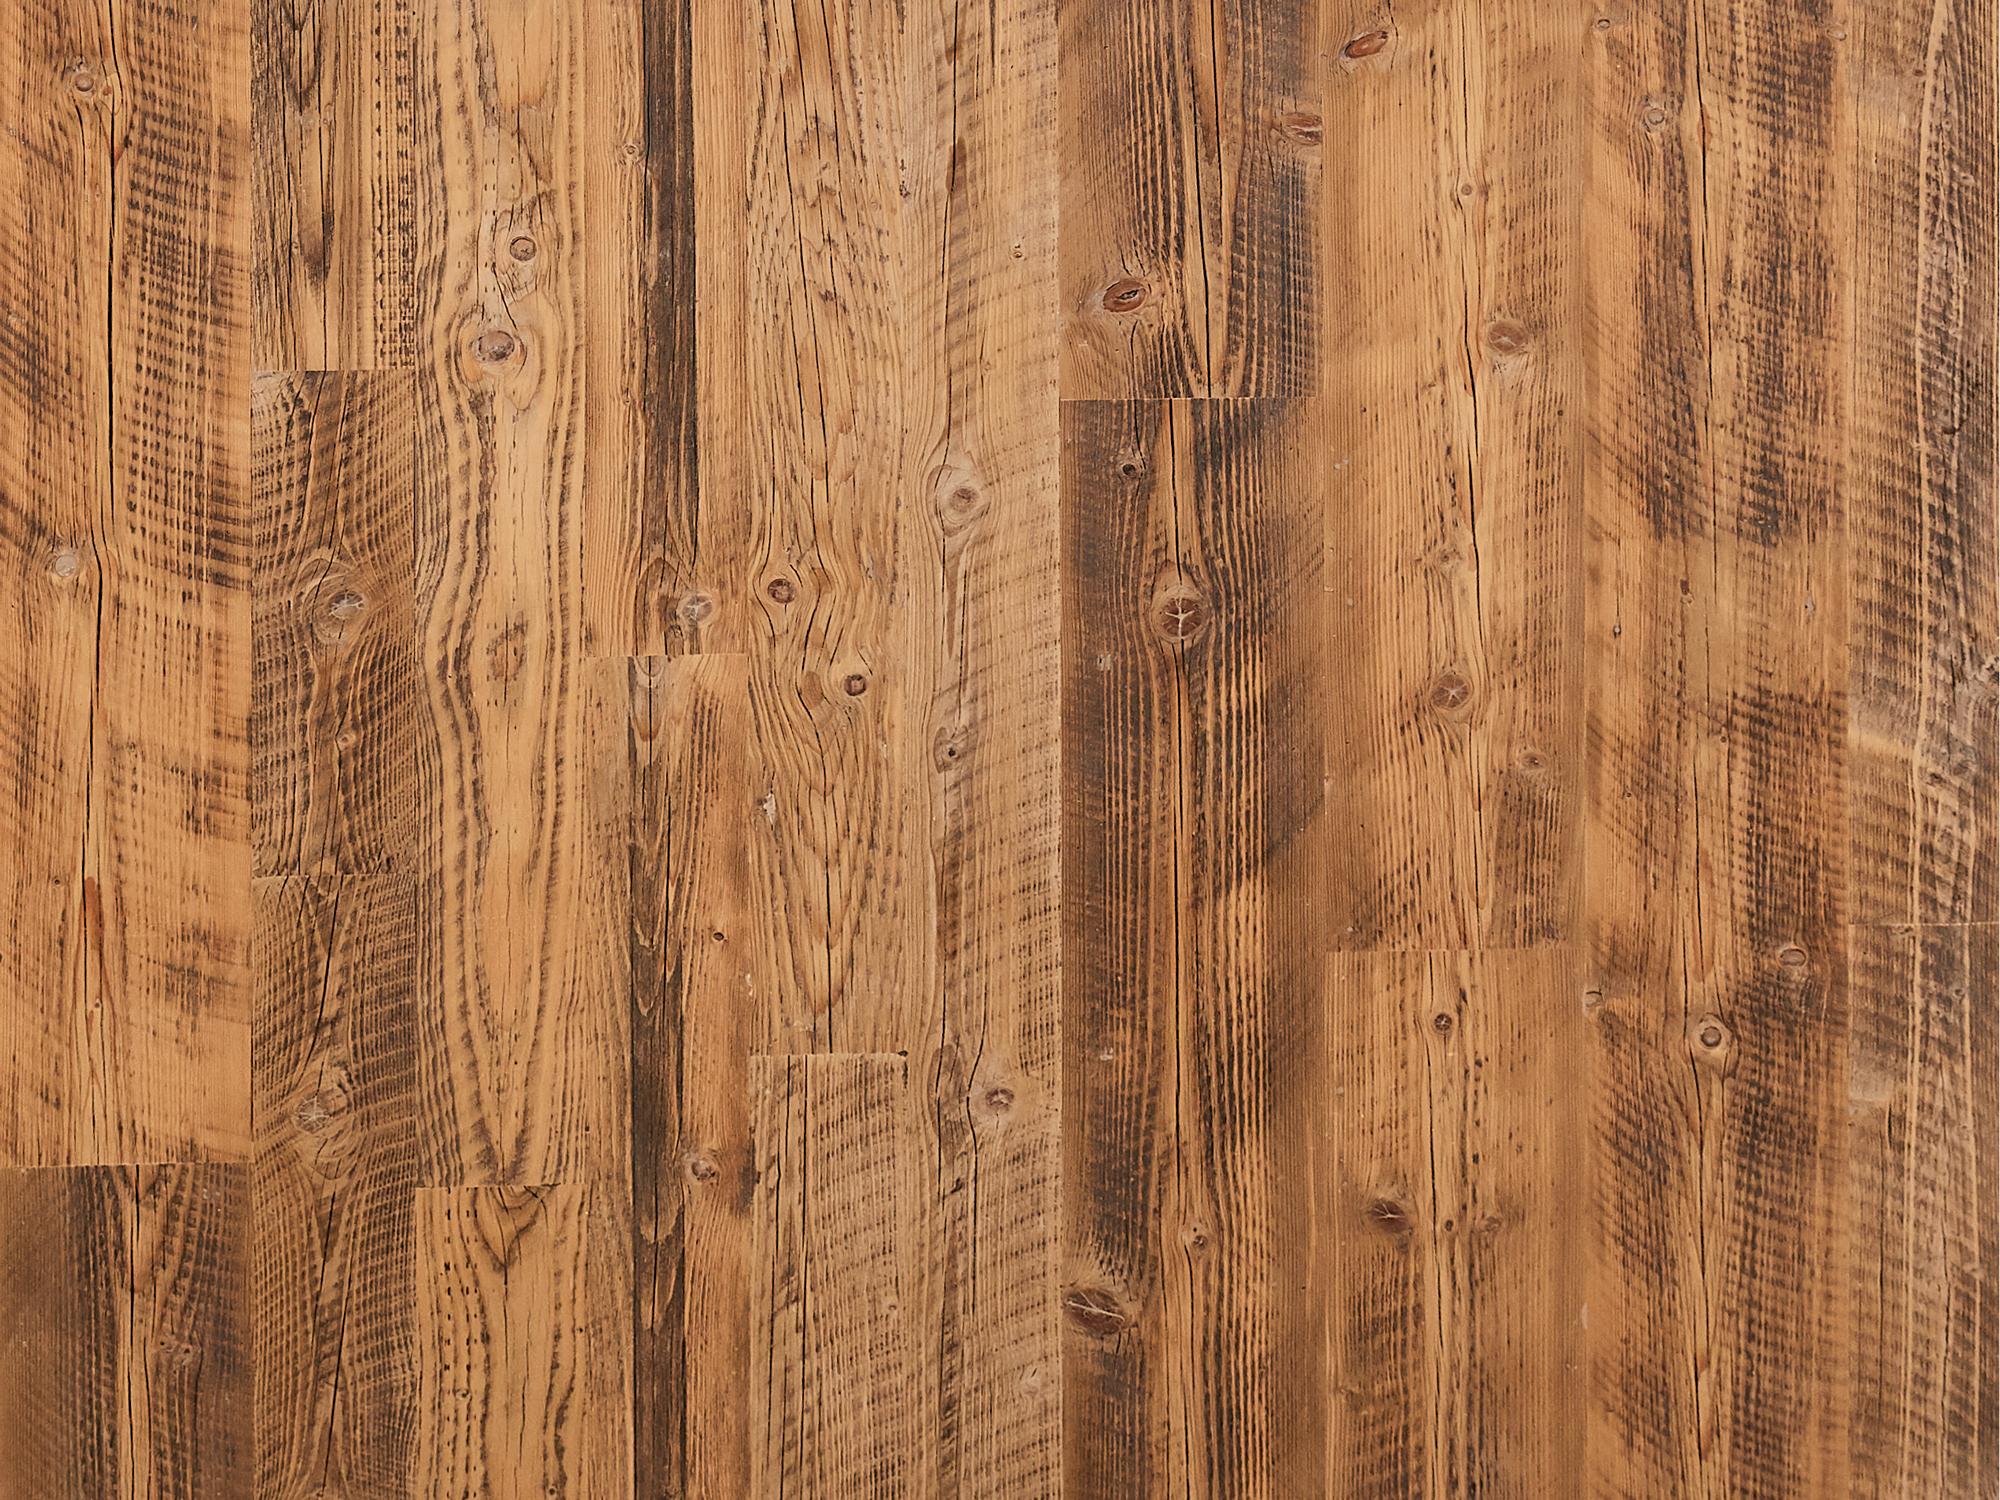 Brown spruce wood sample